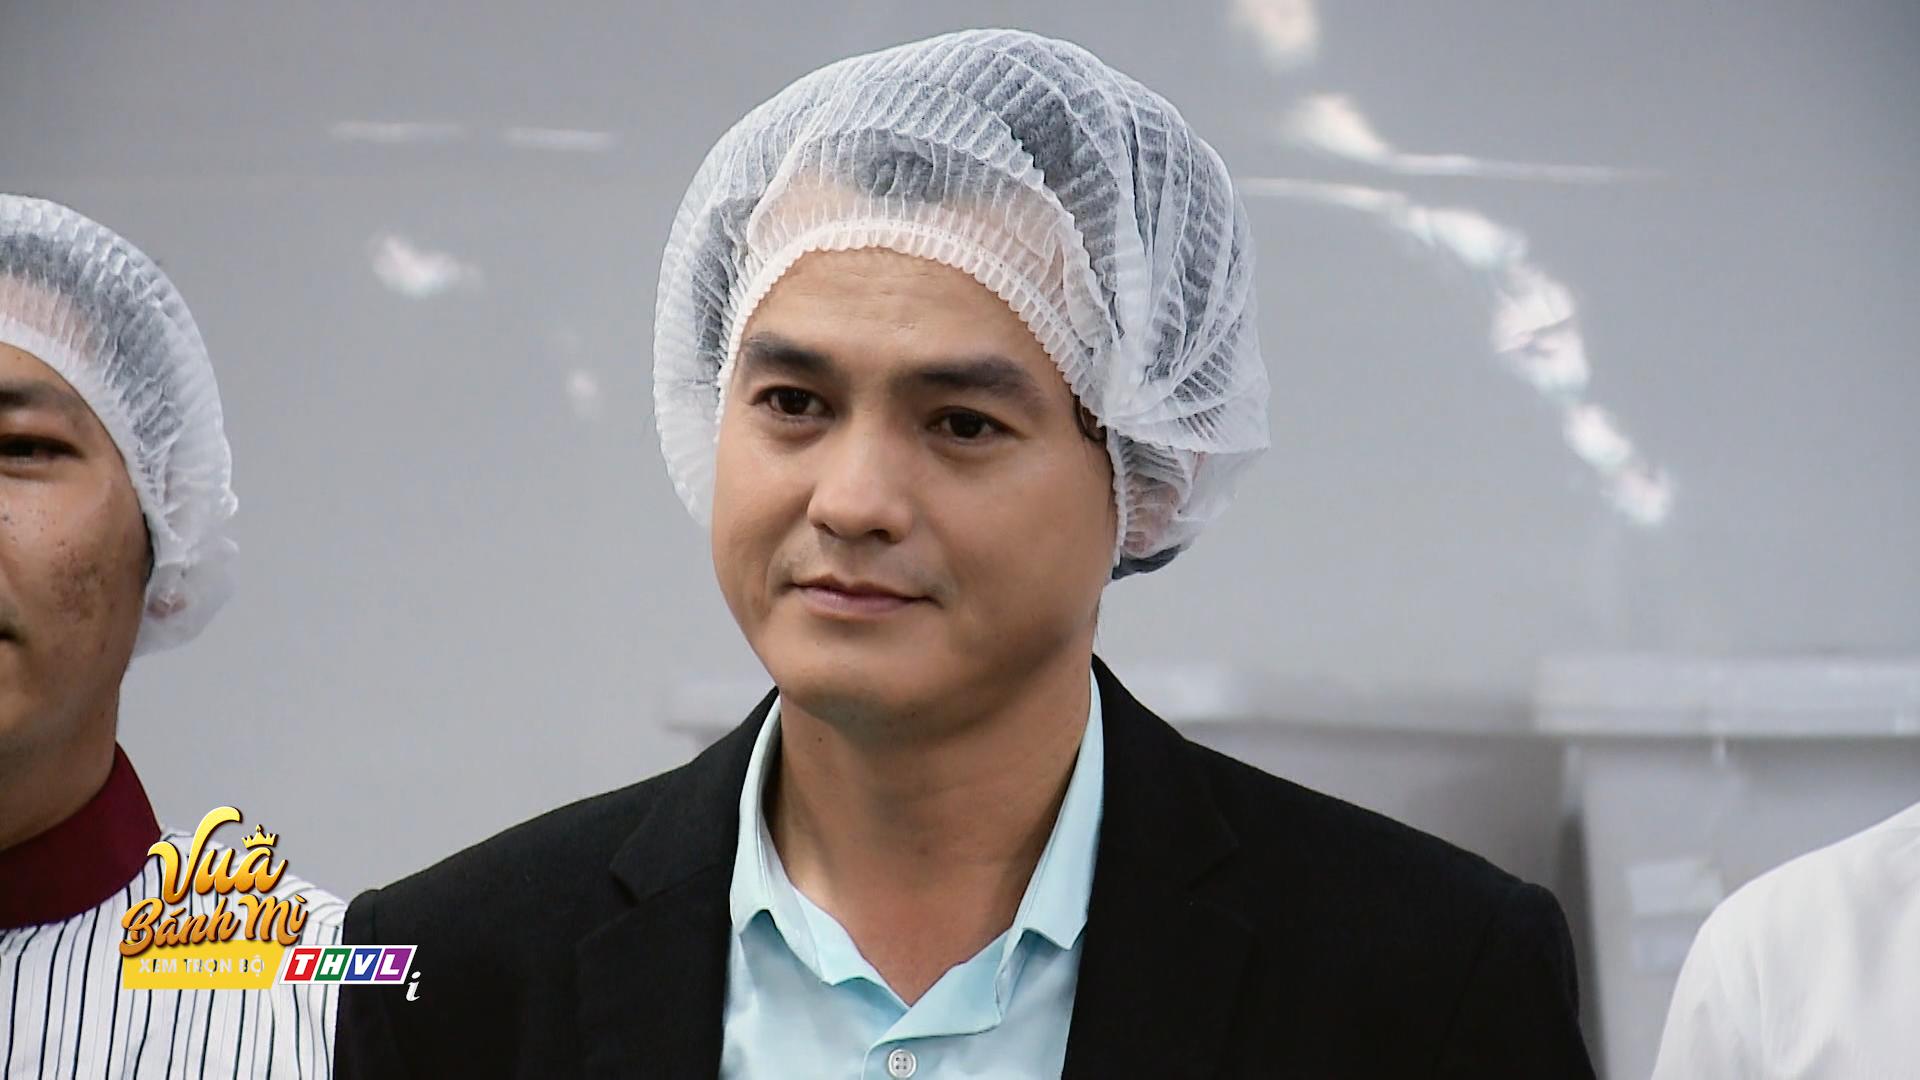 'Vua bánh mì' tập 8: Đúng là 'cha nào con nấy', con trai Cao Minh Đạt cũng sở hữu tài nghệ làm bánh từ cha 6